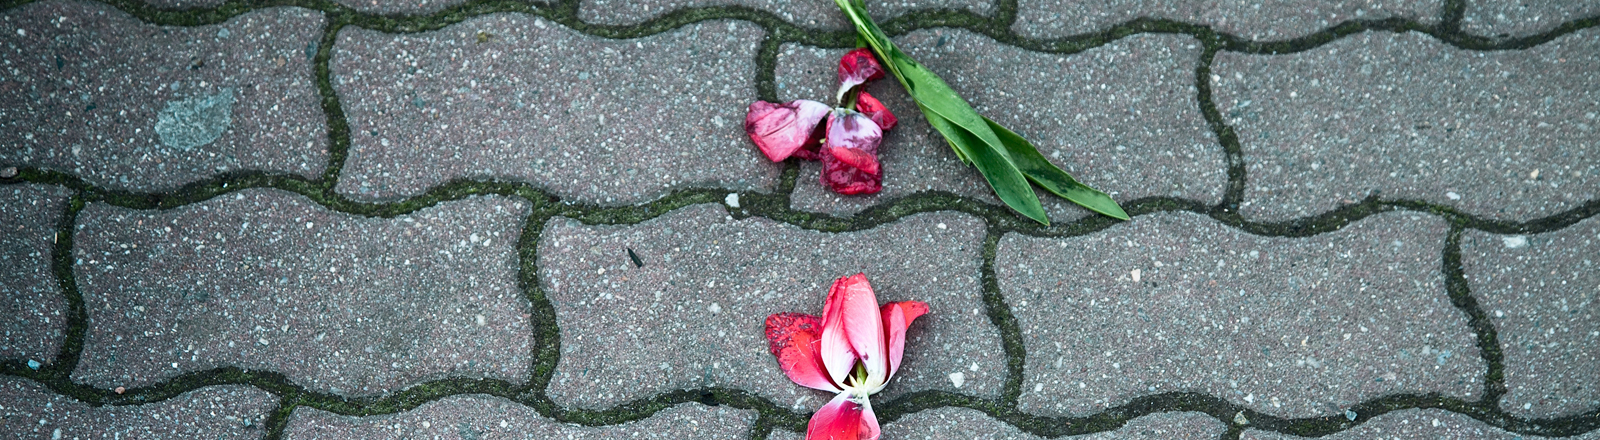 Zertretene Blumen auf dem Boden